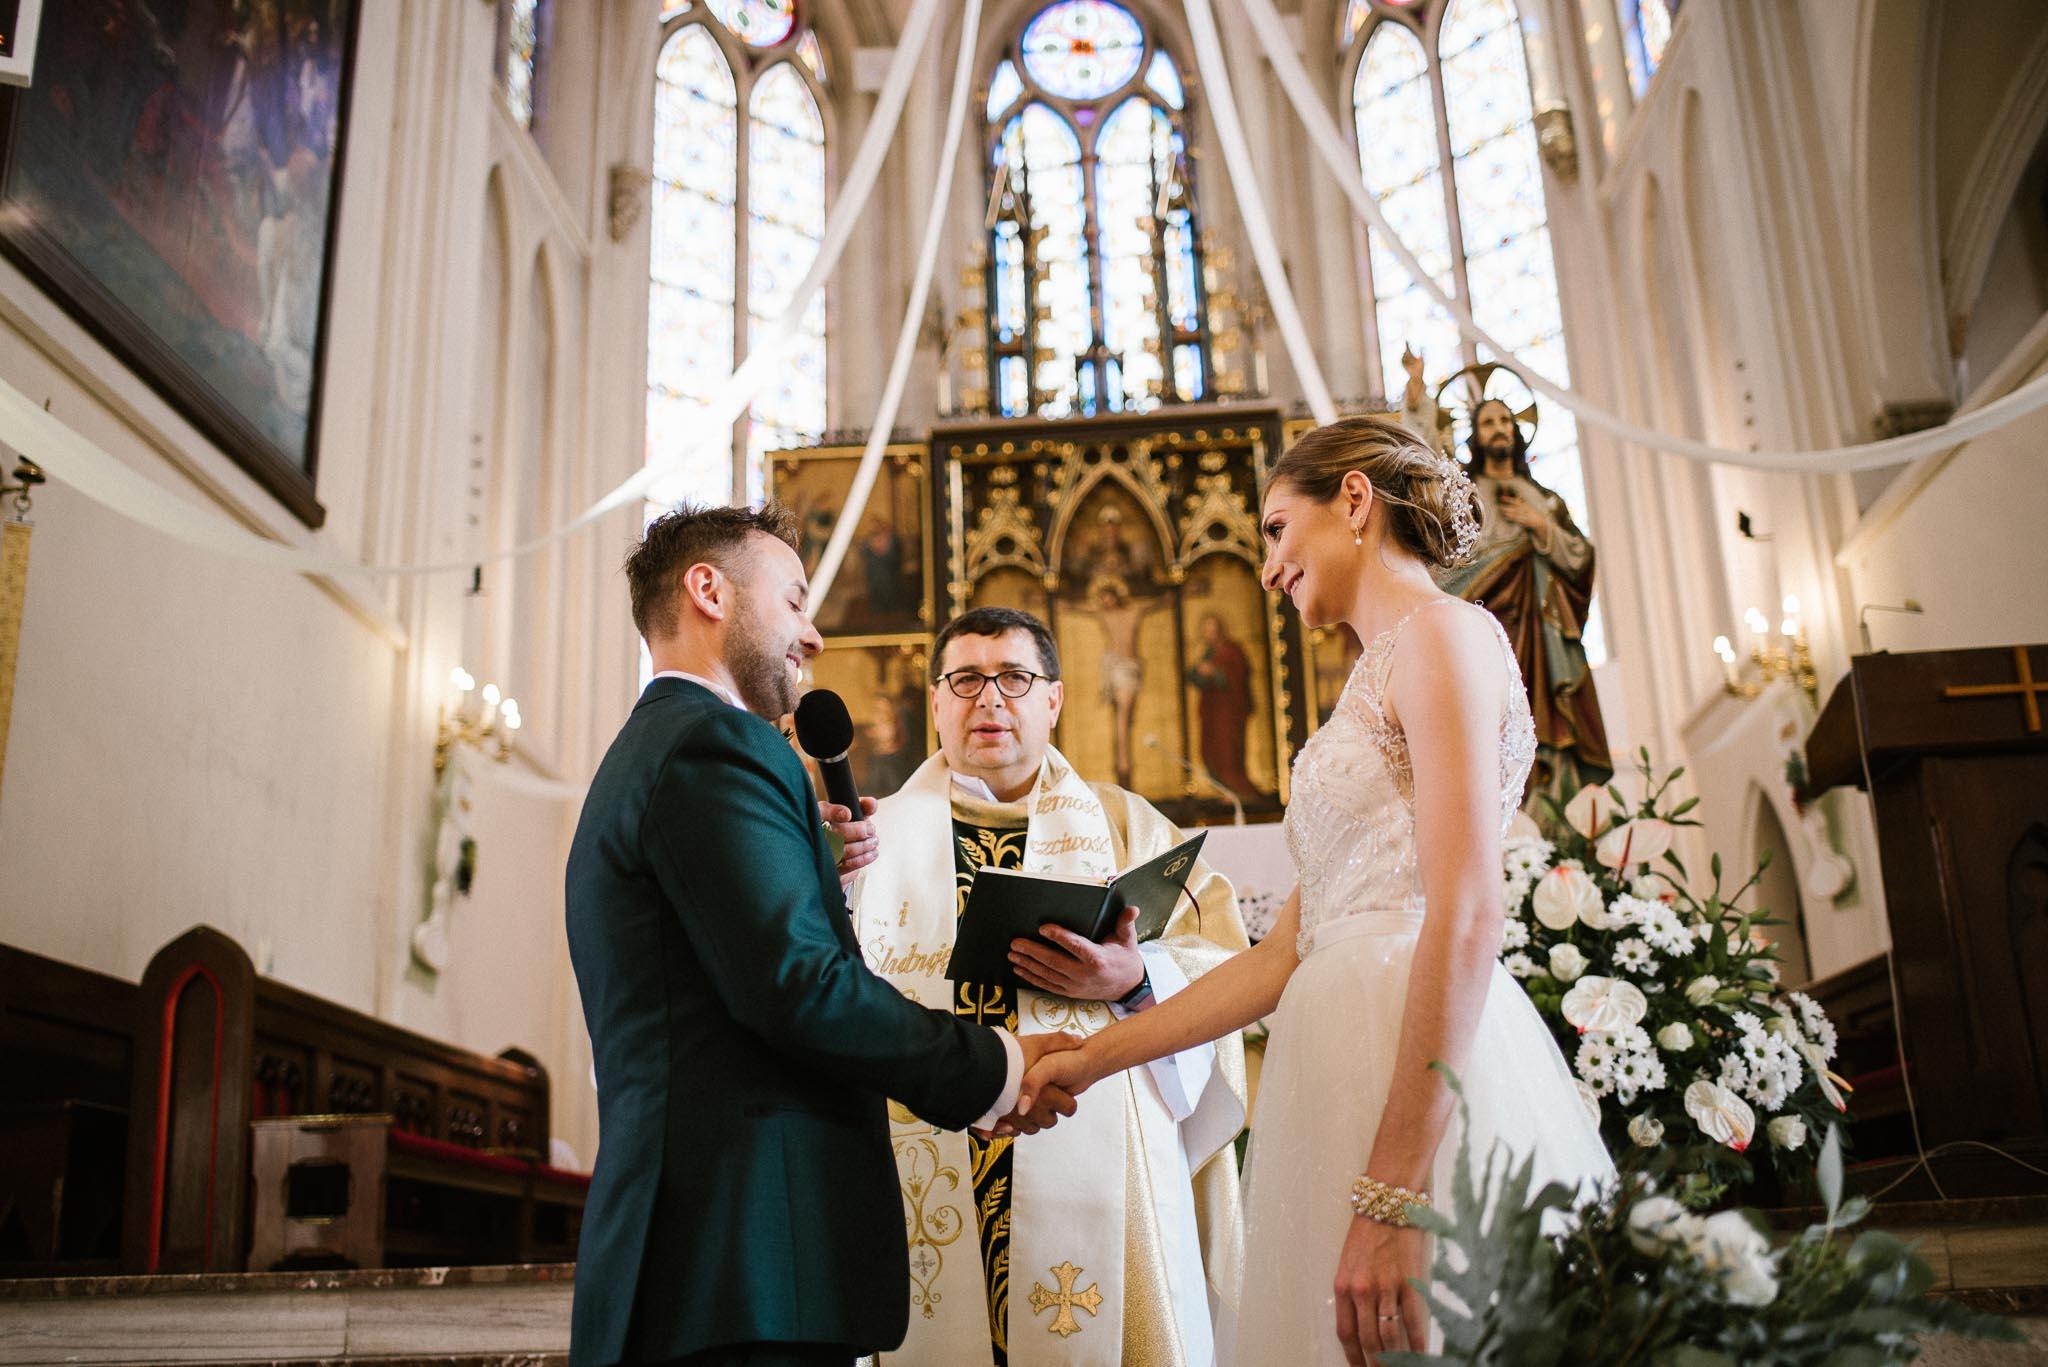 Pan młody składa przysięgę małżeńską -  ślub w Stodole Bojanowo